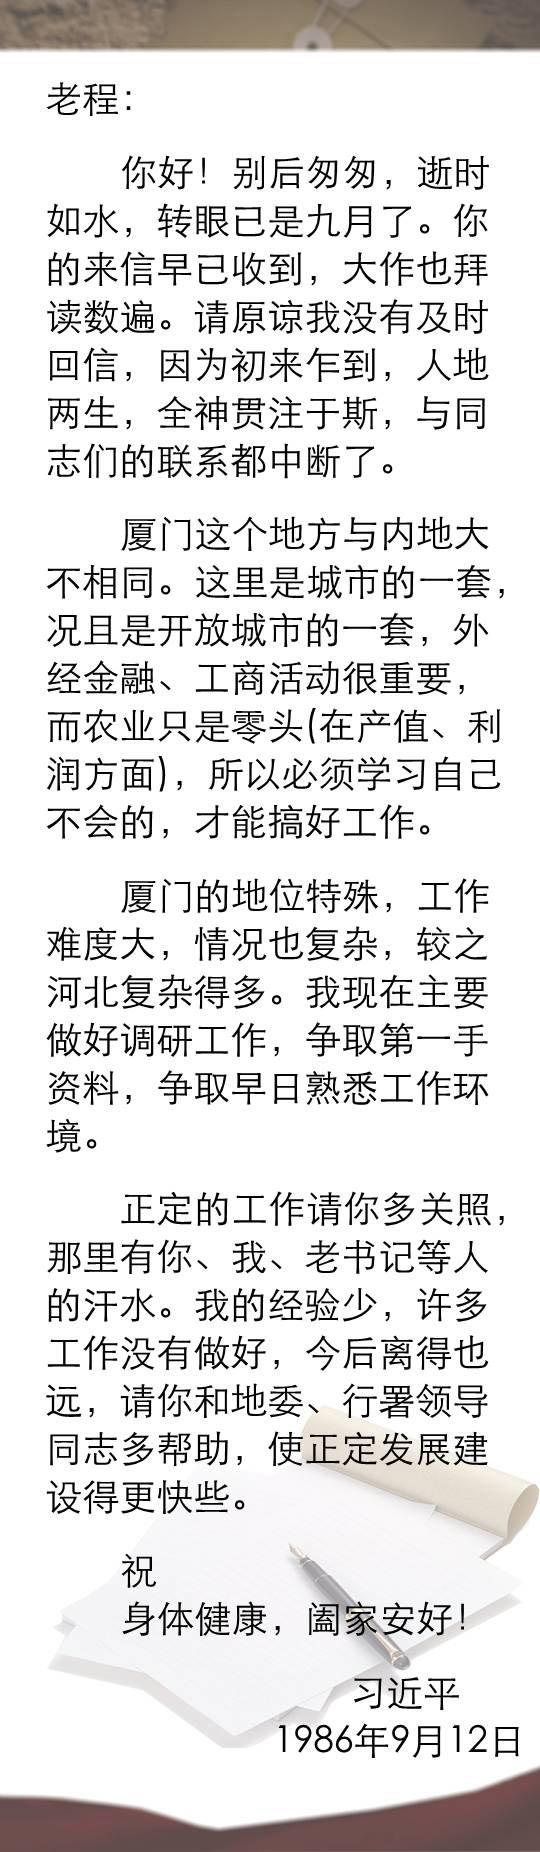 正定是我的第二故乡。这里有悠久的历史,灿烂的文化,勤劳的人民。我爱自己的故乡,更想了解这里的一切。   习近平《我爱自己的第二故乡》    央视原创微视频《初心》之正定篇   1982年春天,习近平从北京来到了正定,与正定人民共同奋斗了1000多个日日夜夜,结下了不解之缘。在这不寻常的三年里,他先后担任县委副书记、县委书记,做了大量开创性工作,带领正定步入发展快车道,也以平民书记的风范与正定的干部群众建立了深厚感情。离开正定之后,他也一直把第二故乡牵挂于心。1号线上为您摘选习近平的两封书信,